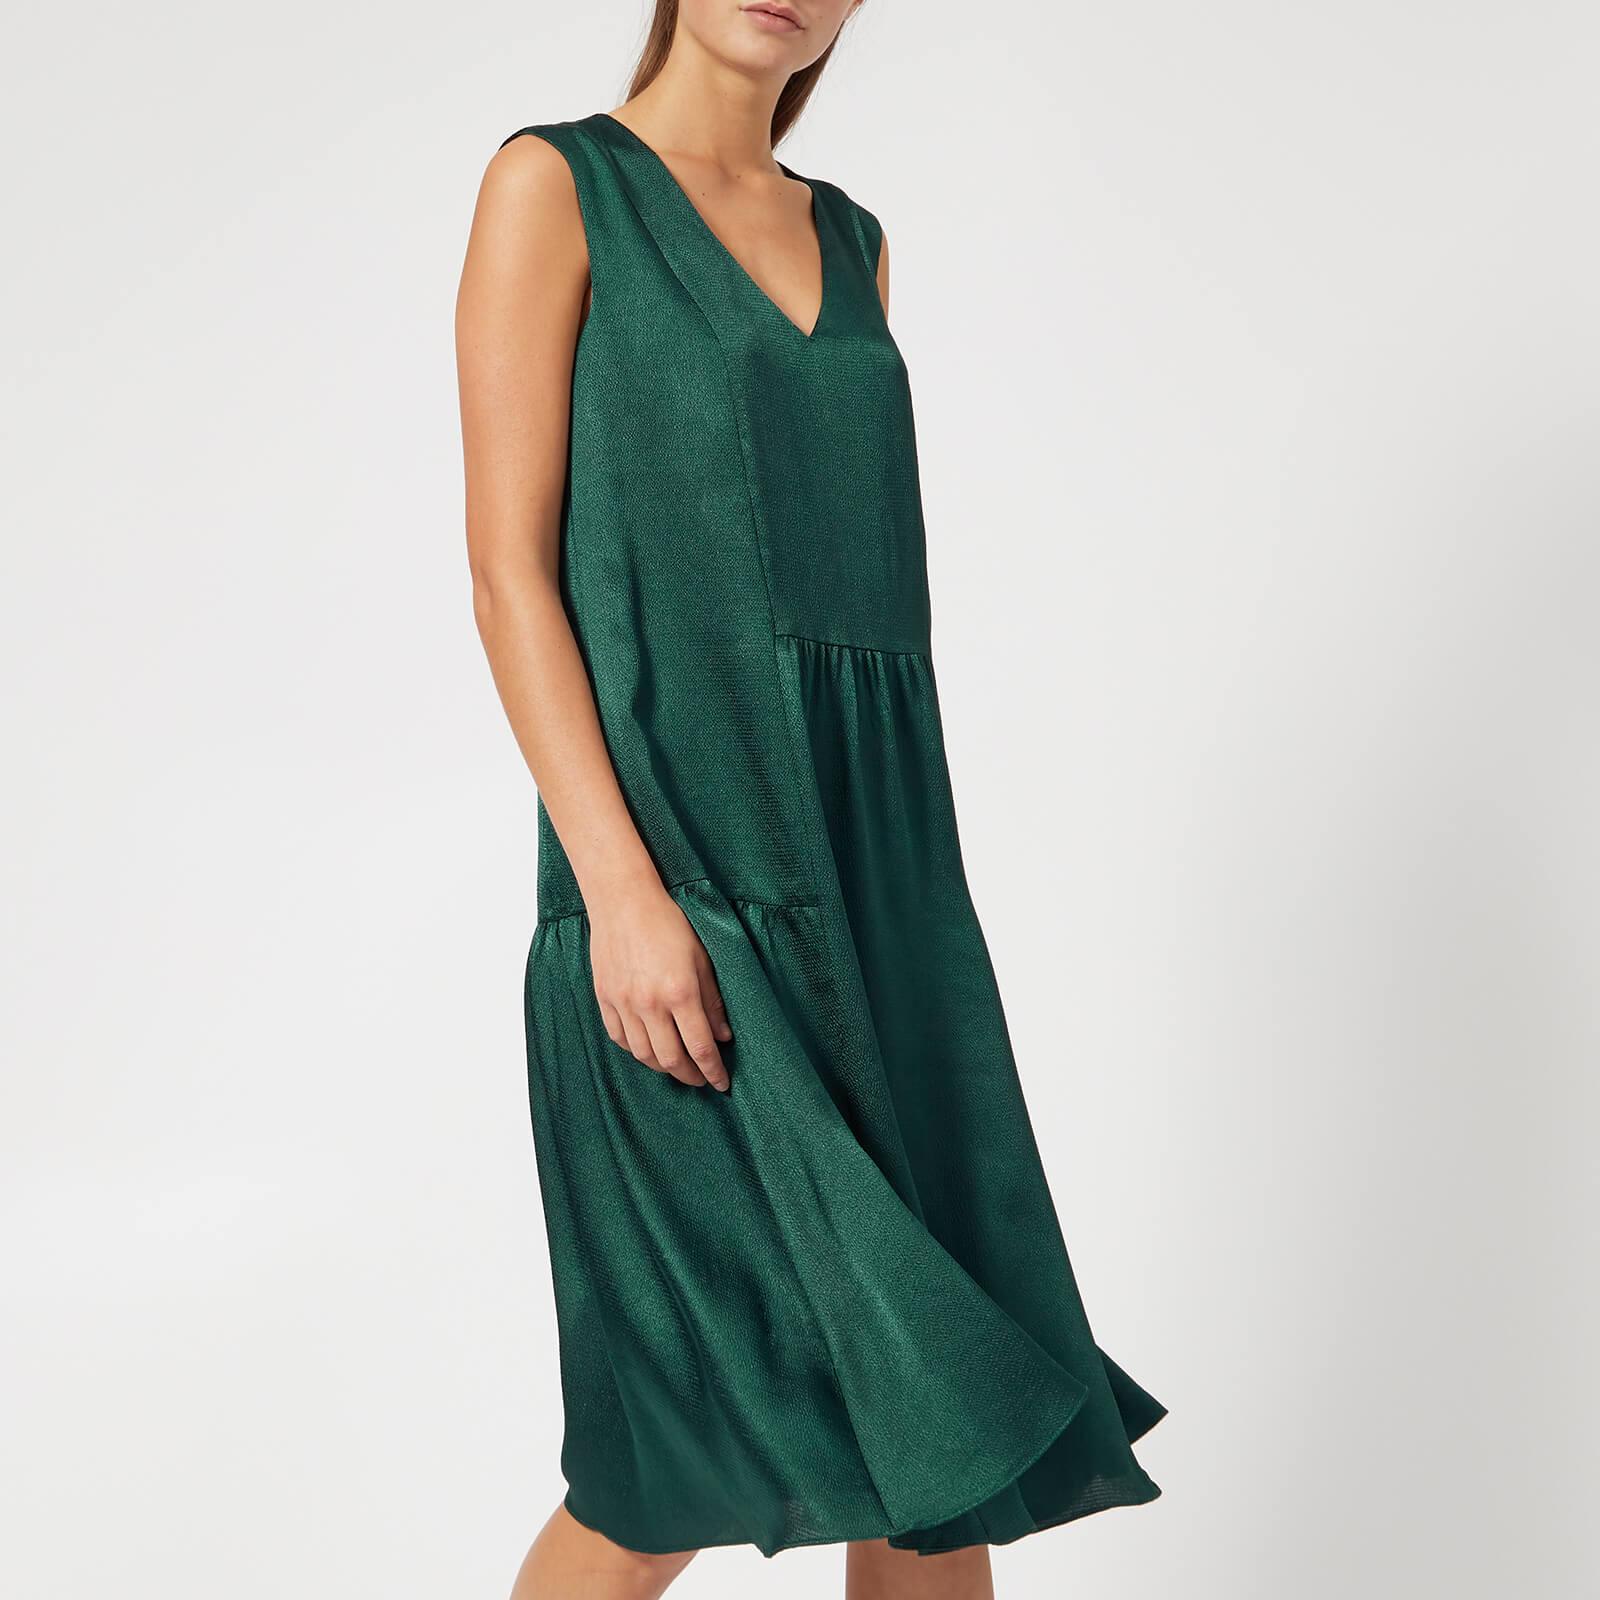 Gestuz Women's Masina Dress - Botanical Garden - EU 38/UK 10 - Green